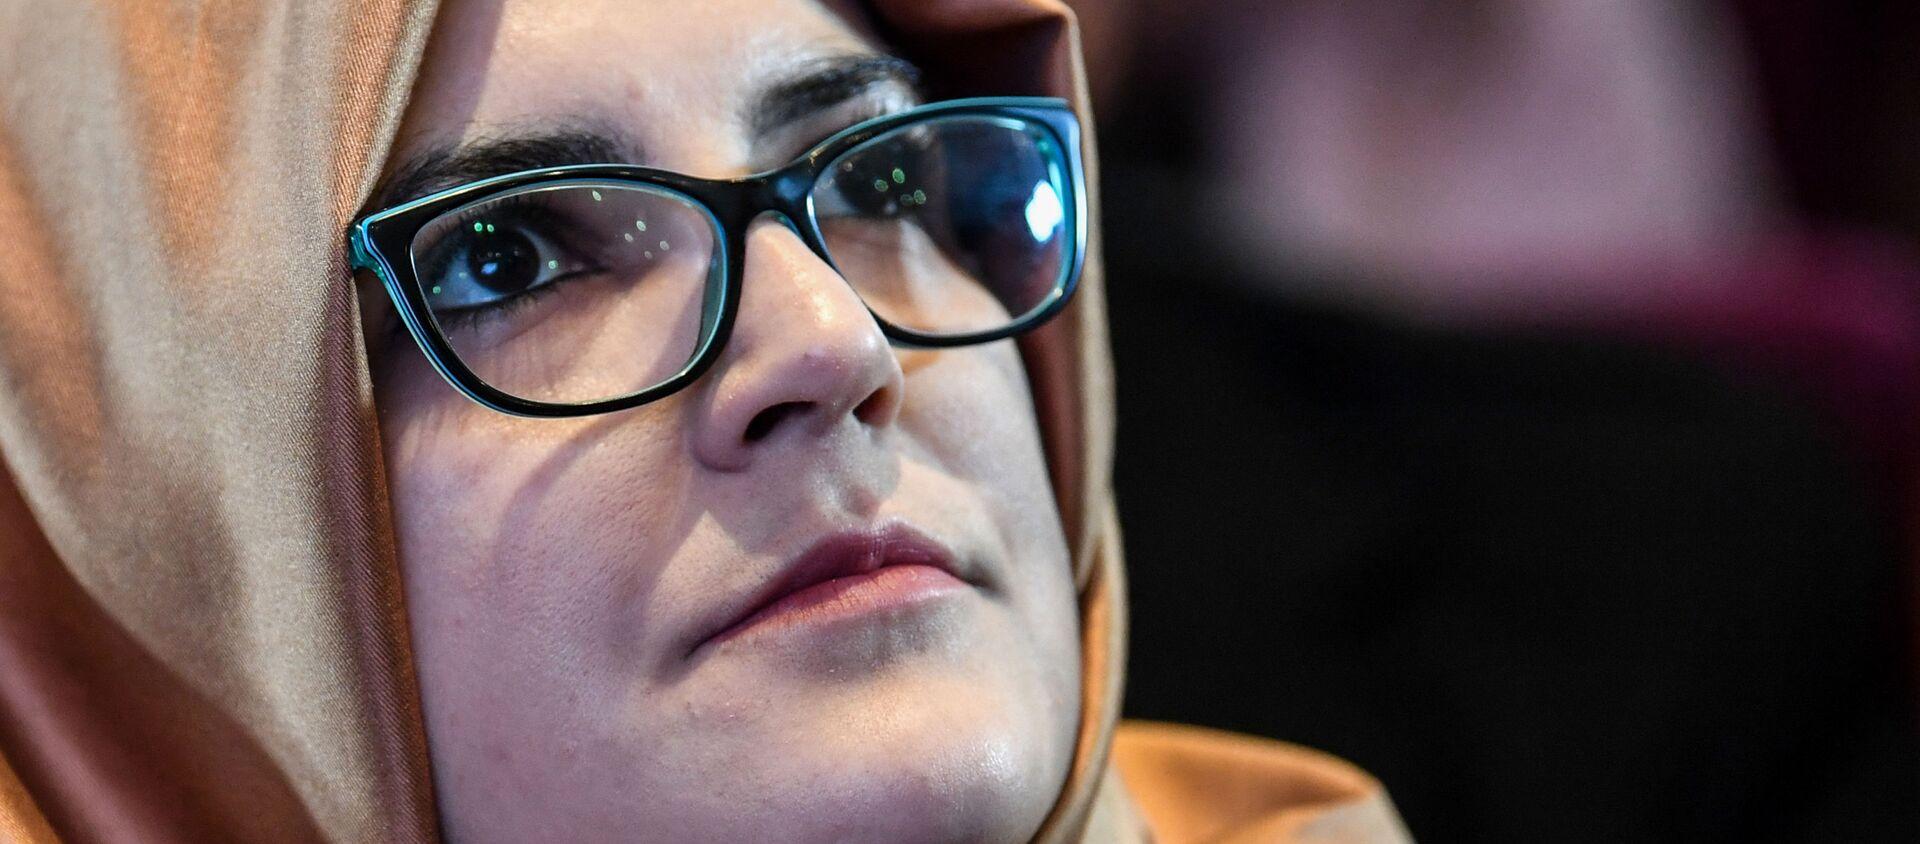 Cô dâu của nhà báo đối lập Ả Rập Xê Út Jamal Khashoggi, Hatice Cengiz - Sputnik Việt Nam, 1920, 01.03.2021